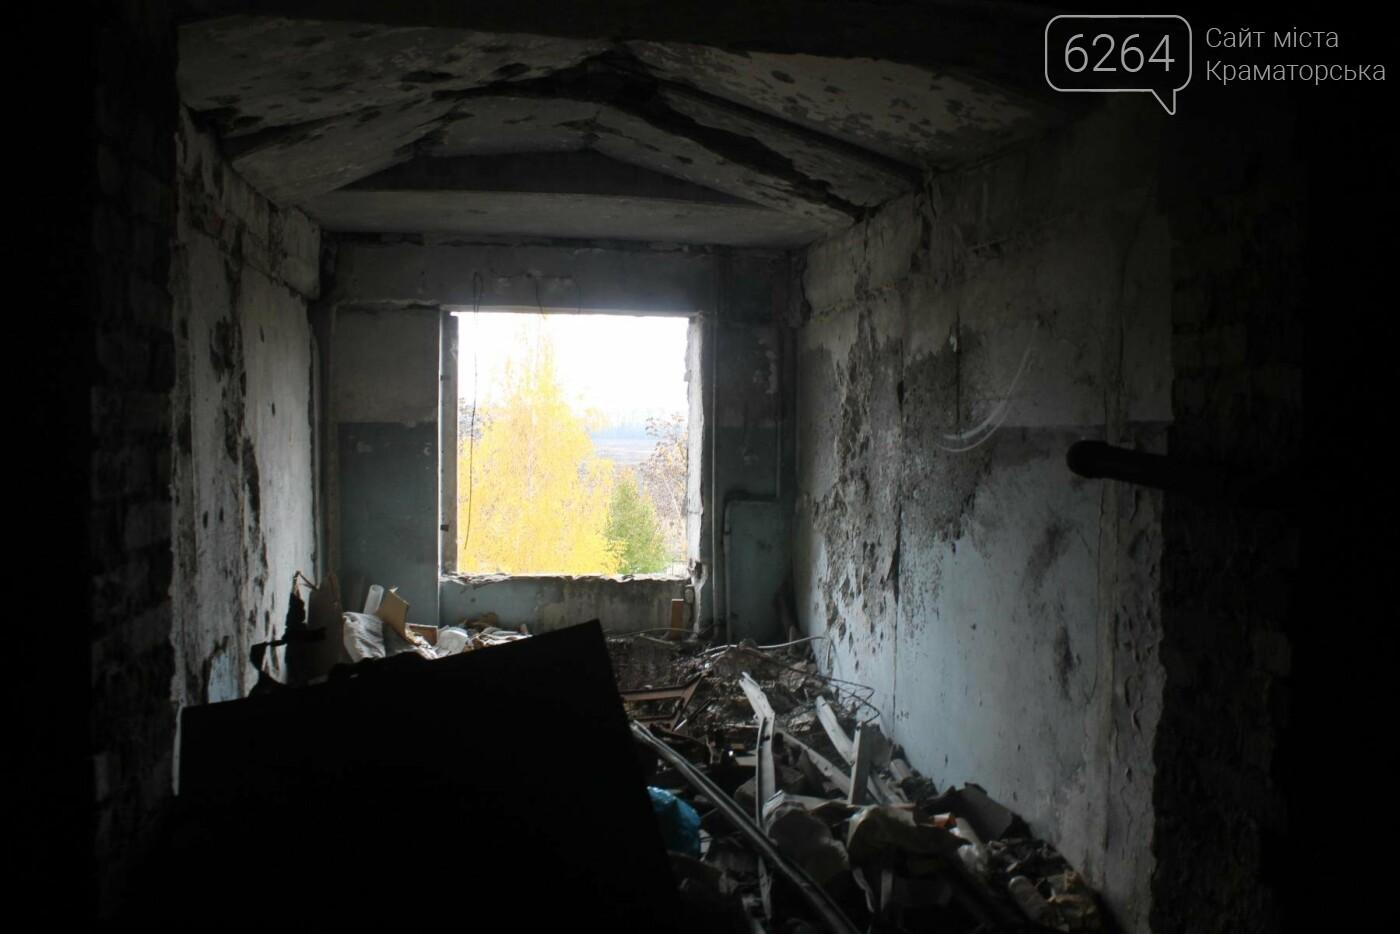 Необъявленная война глазами очевидцев: Легенды Авдеевки,  ставшие роком для ее местных жителей, фото-10